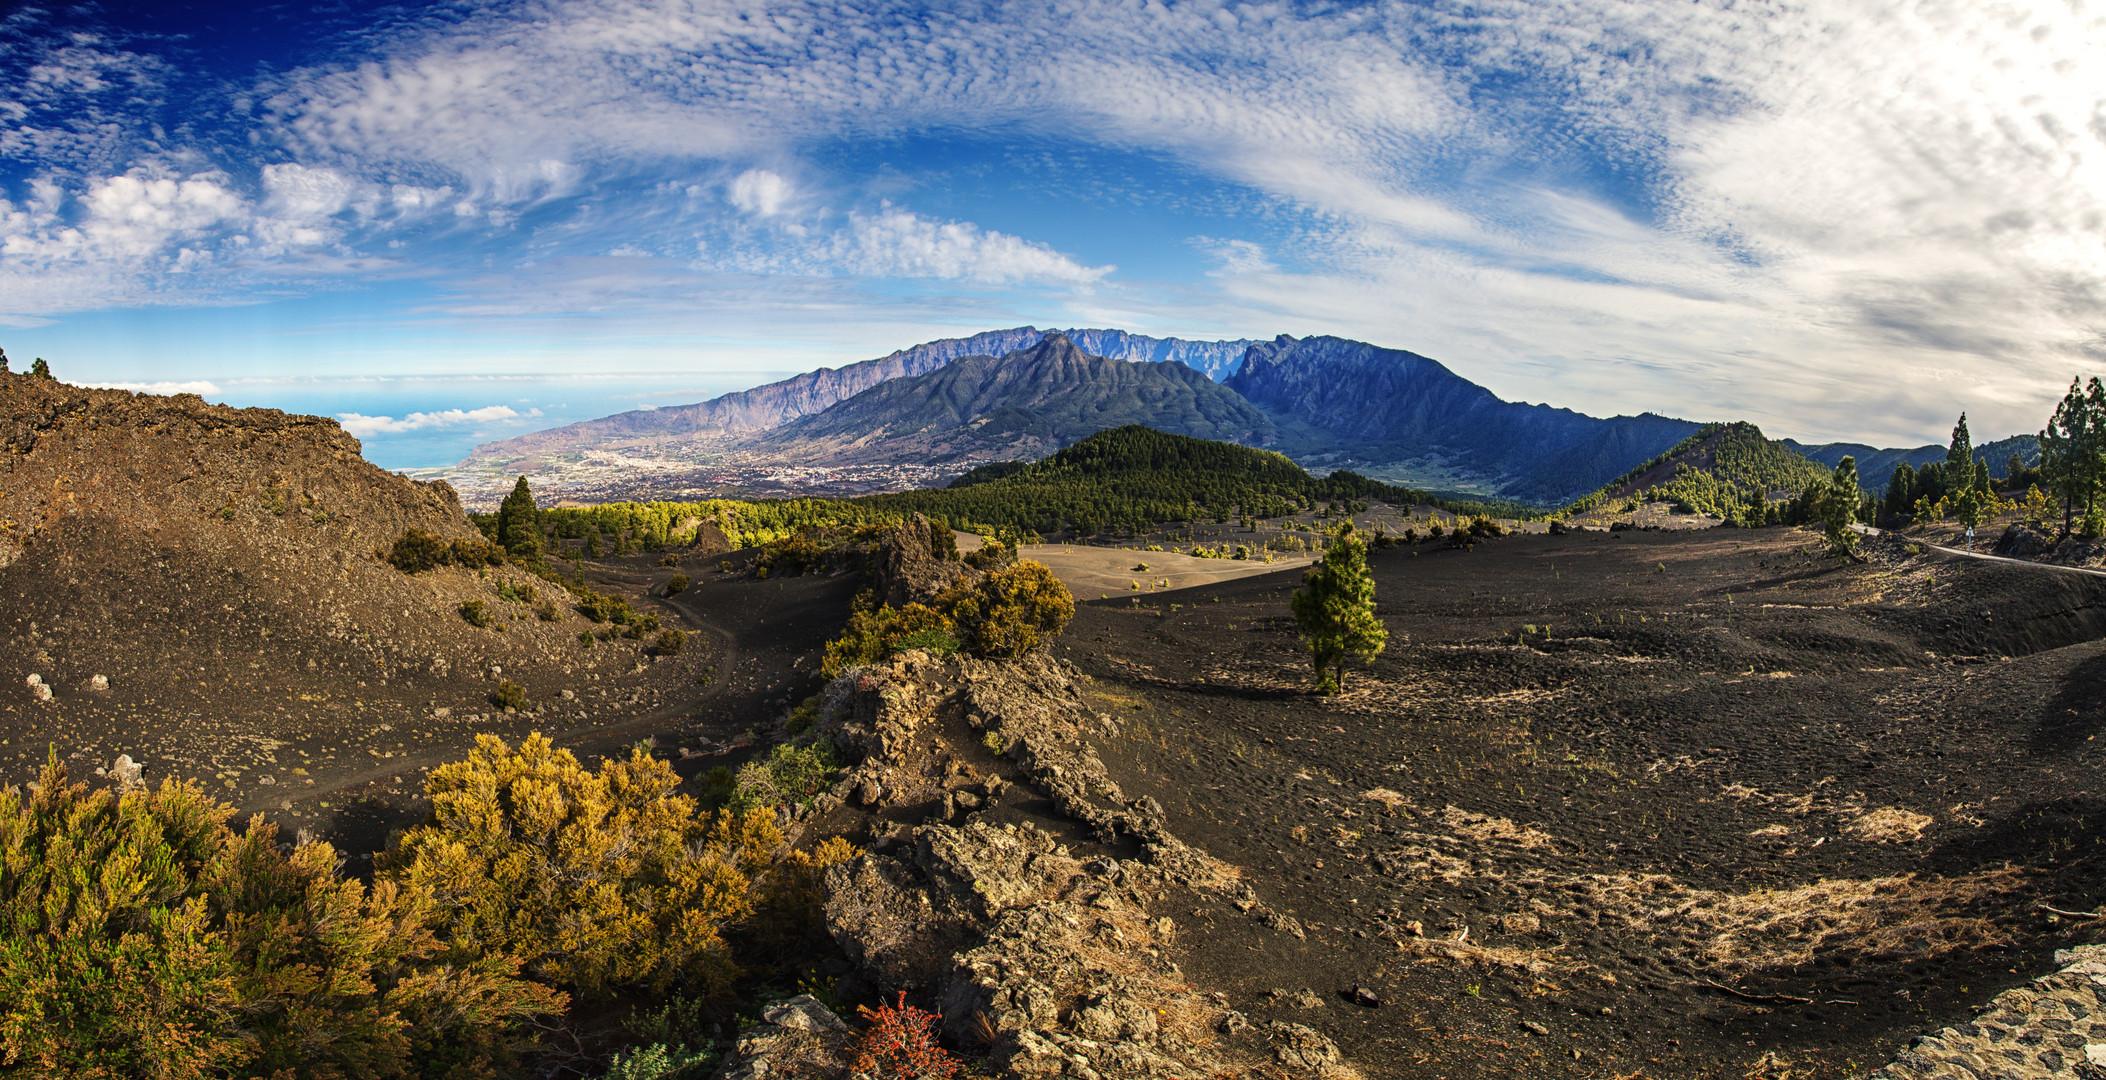 Vulkan San Juan